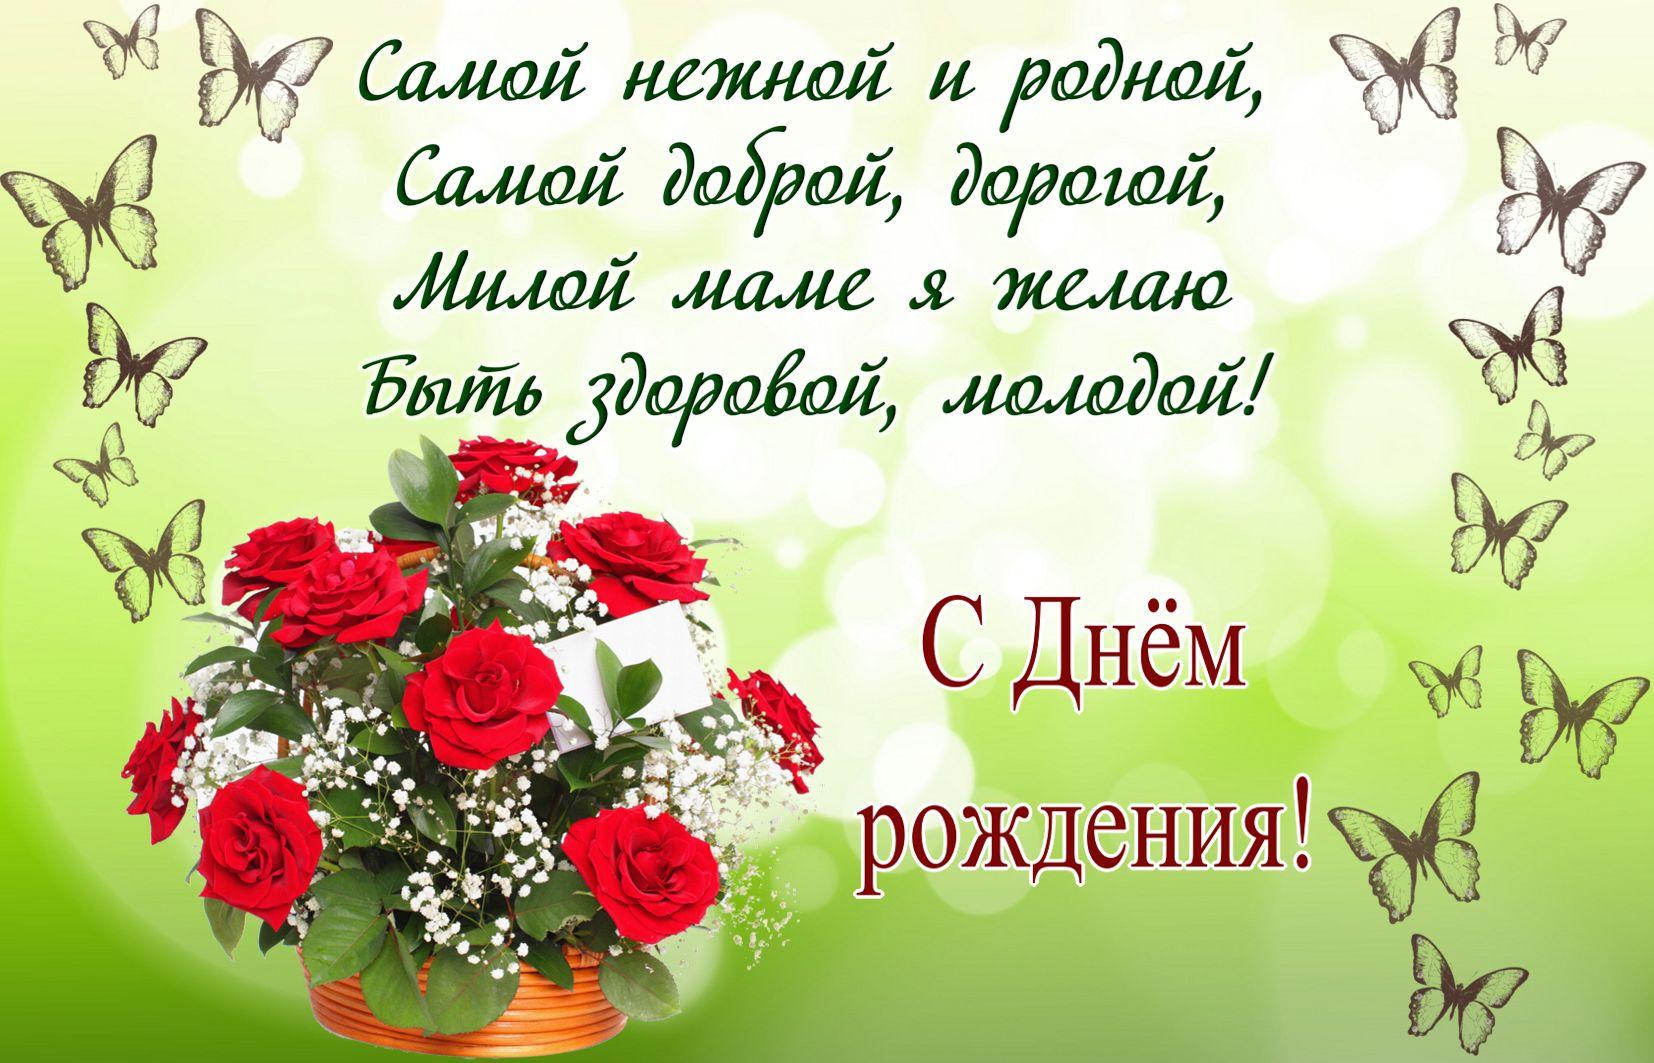 Что можно написать в открытке на день рождения маме от дочки, цветы шампанское картинка